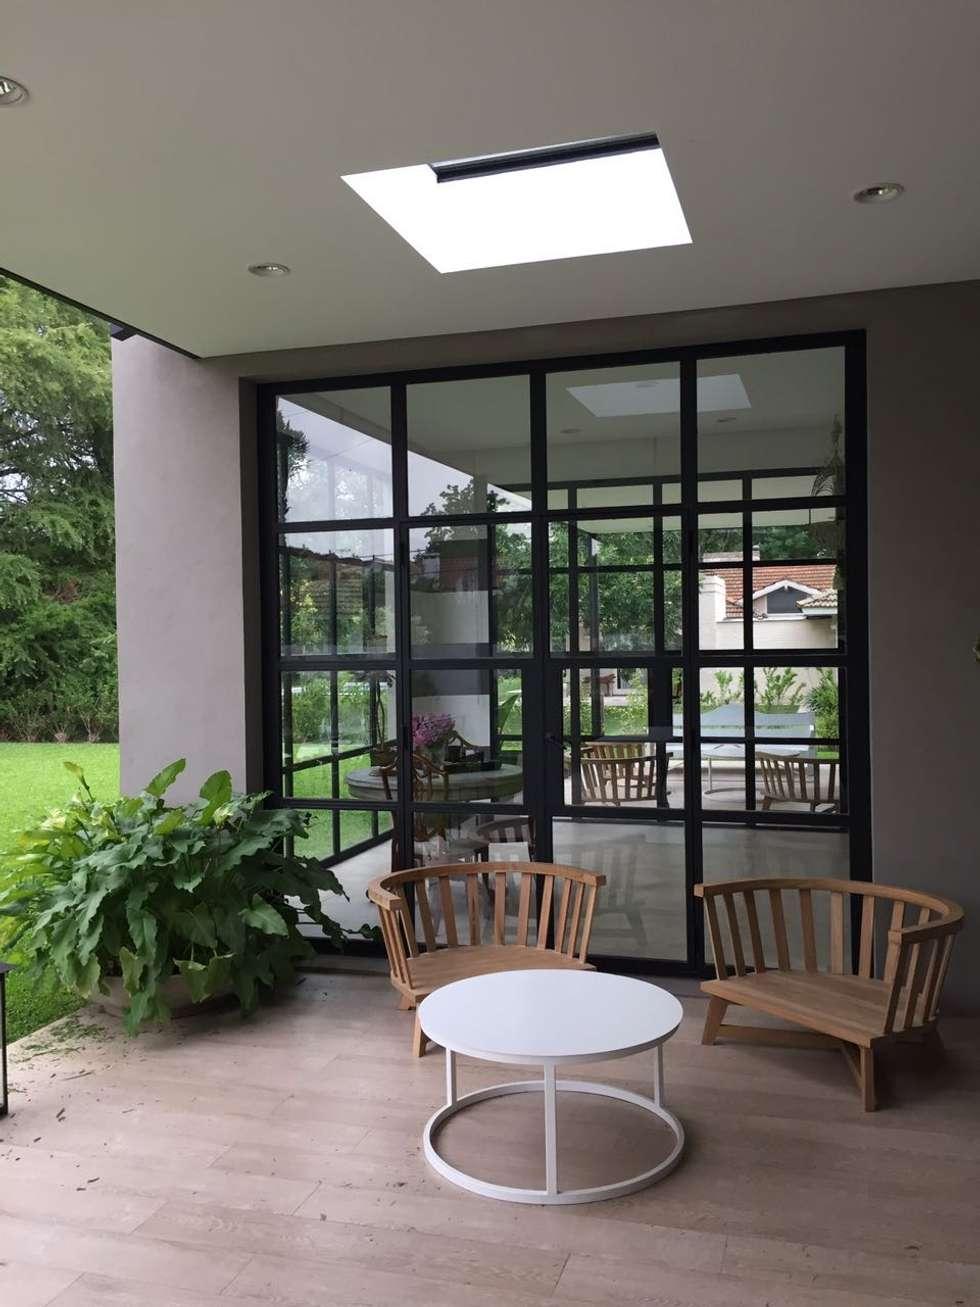 CASA EN TORTUGAS CC-GALERIA: Casas unifamiliares de estilo  por Estudio Dillon Terzaghi Arquitectura